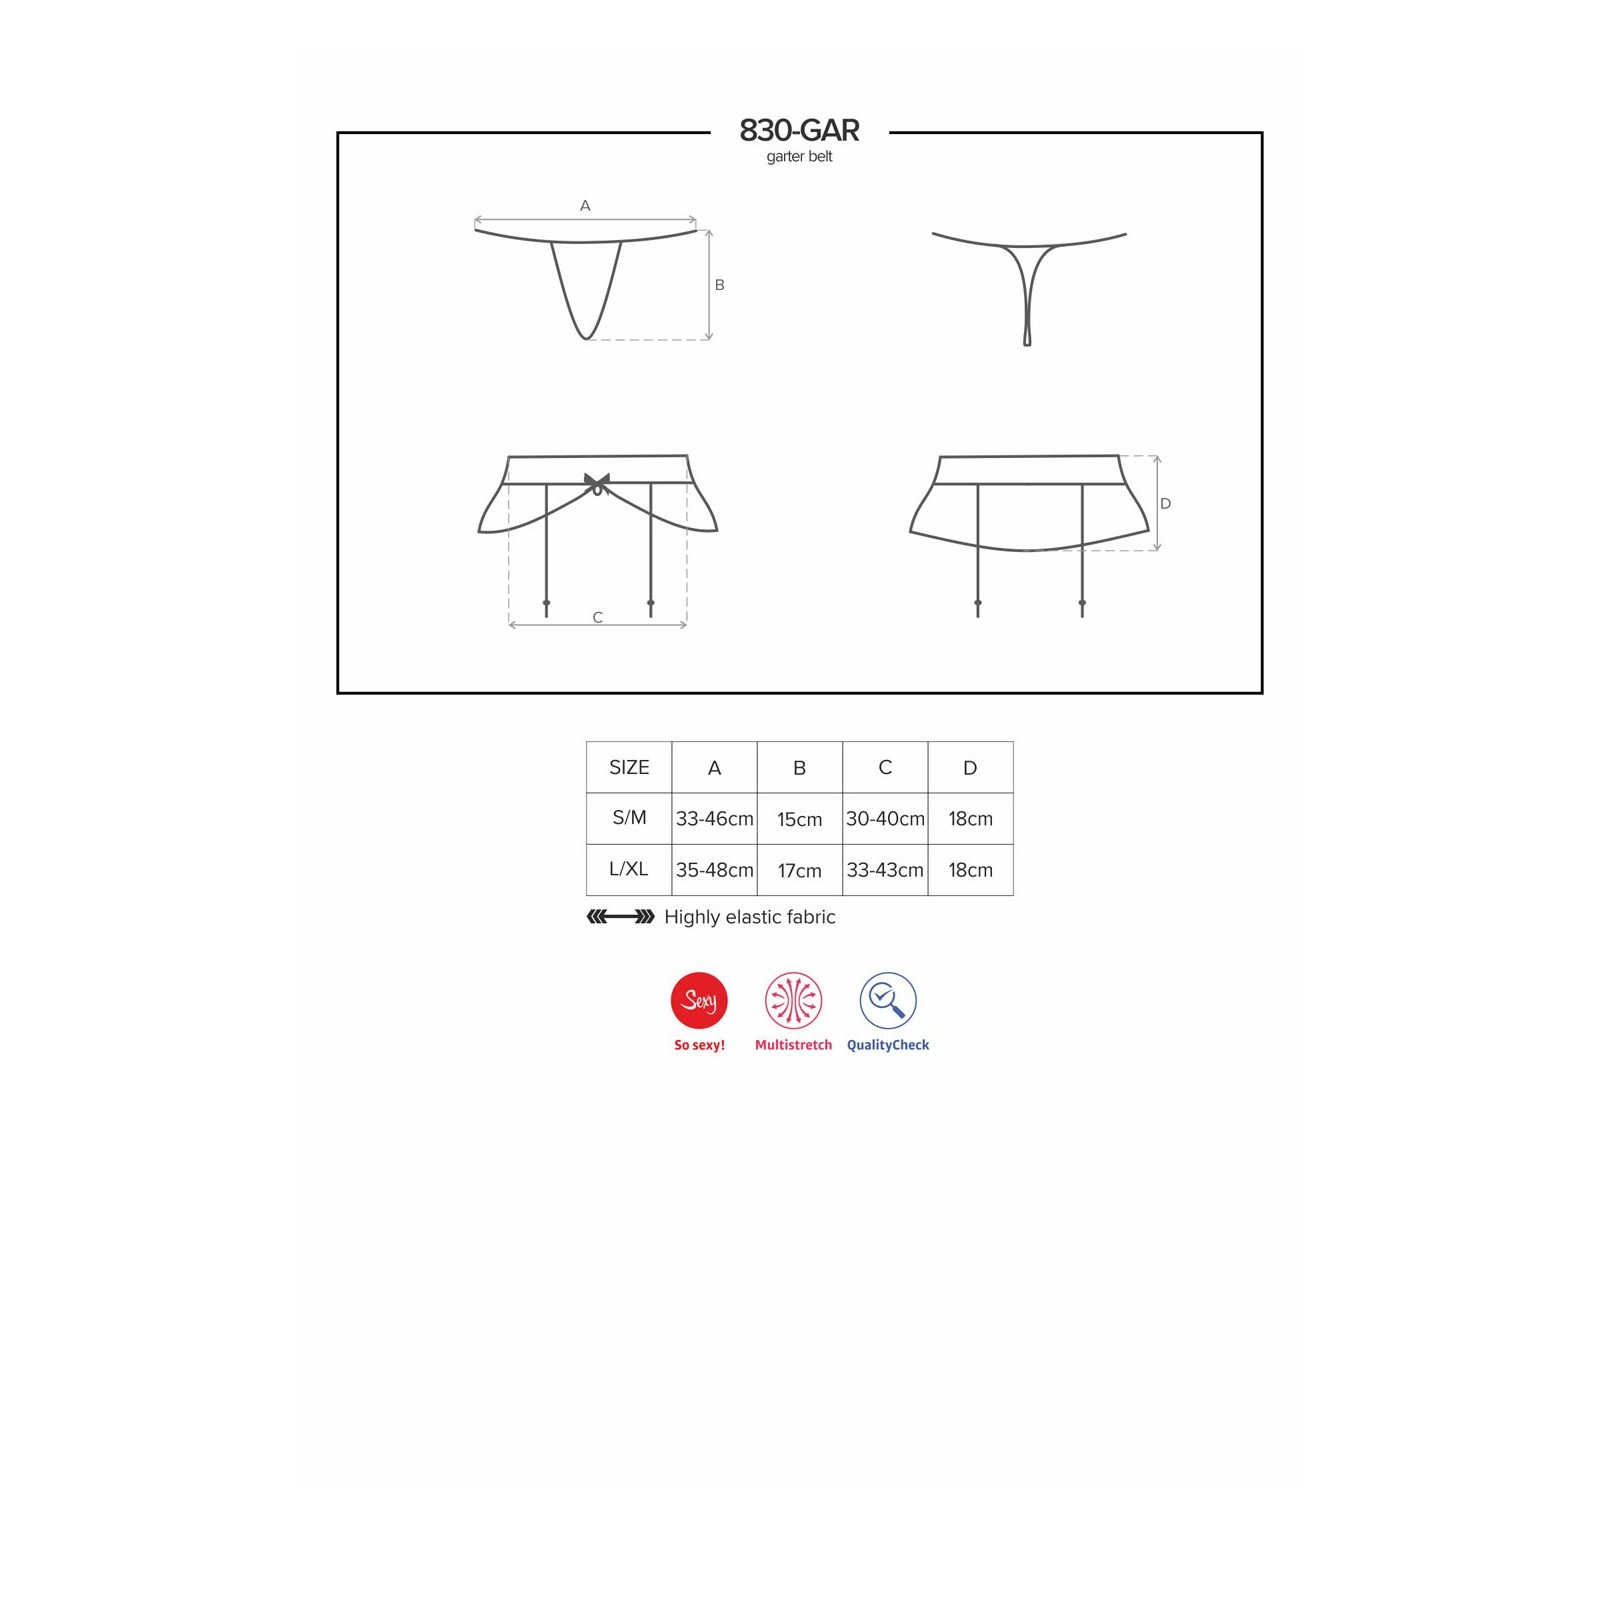 830-GAR-1 Garter Belt schwarz - 7 - Vorschaubild